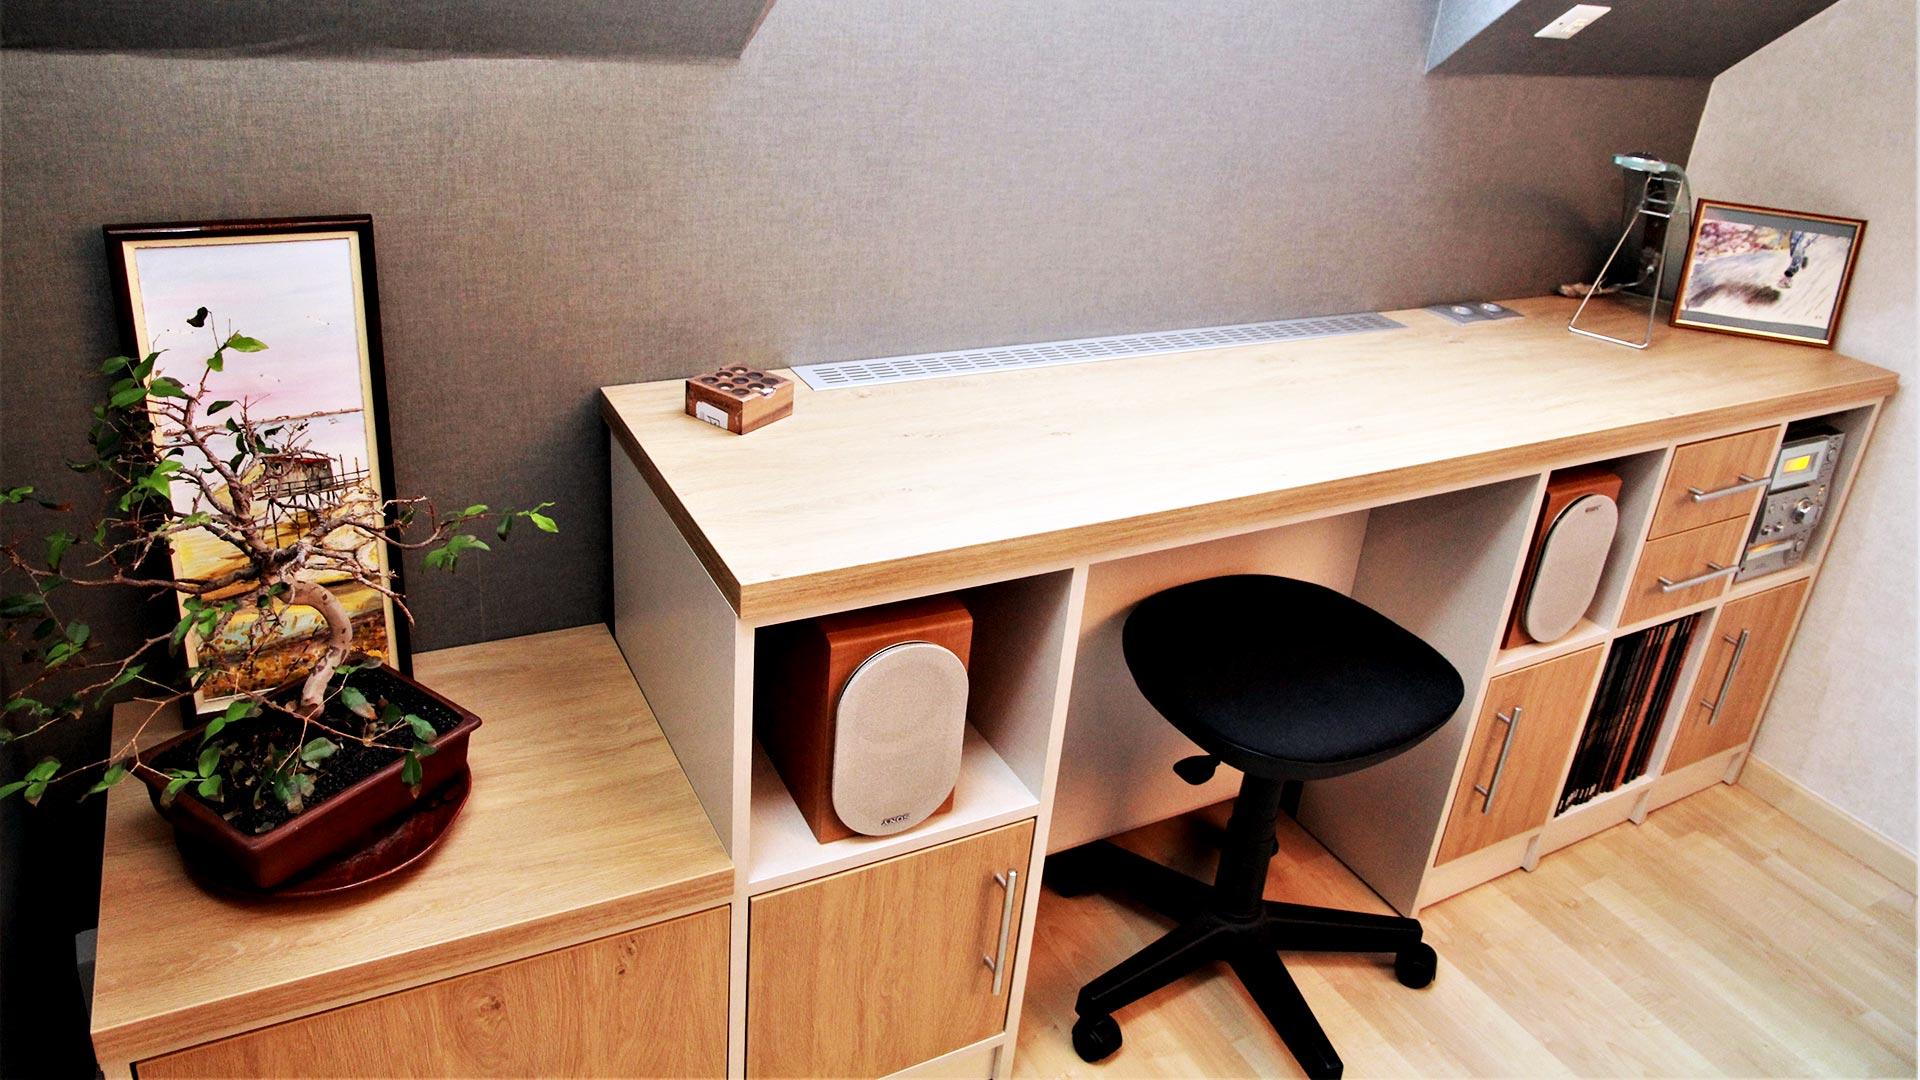 Fabriquer Un Bureau De Travail fabriquer un bureau diy